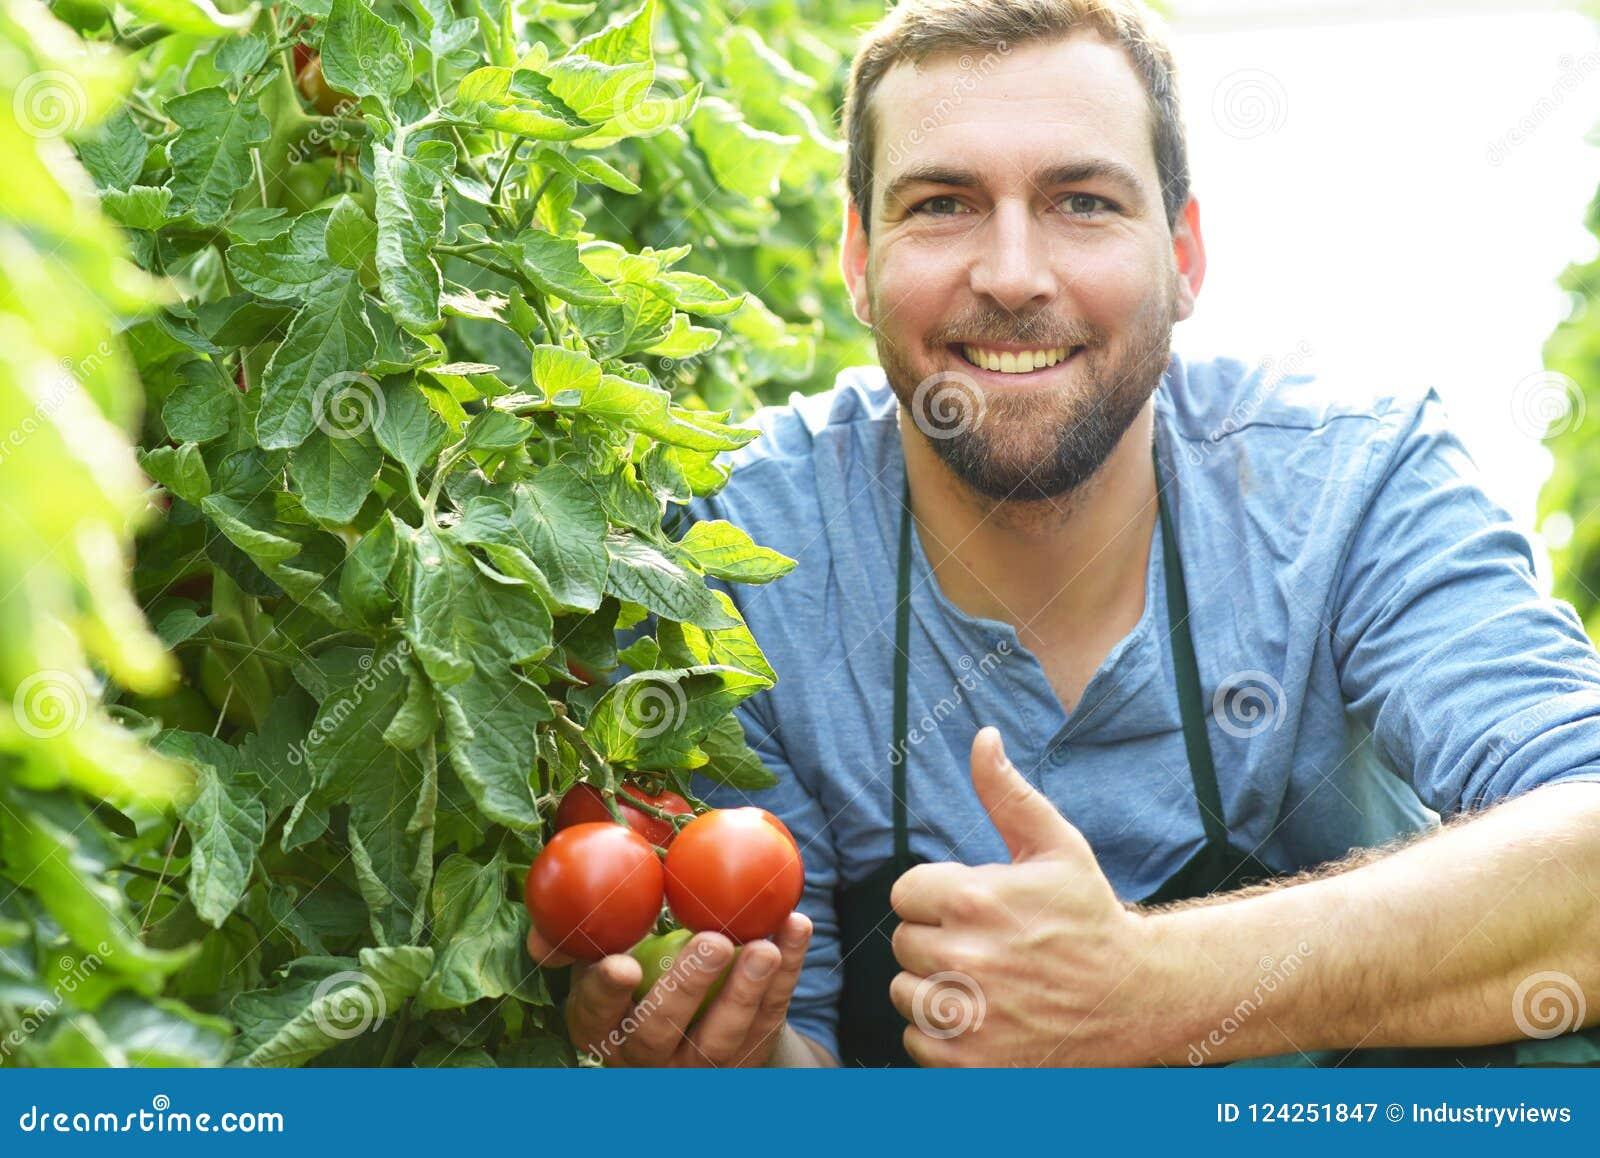 Tomates crescentes do fazendeiro feliz em uma estufa